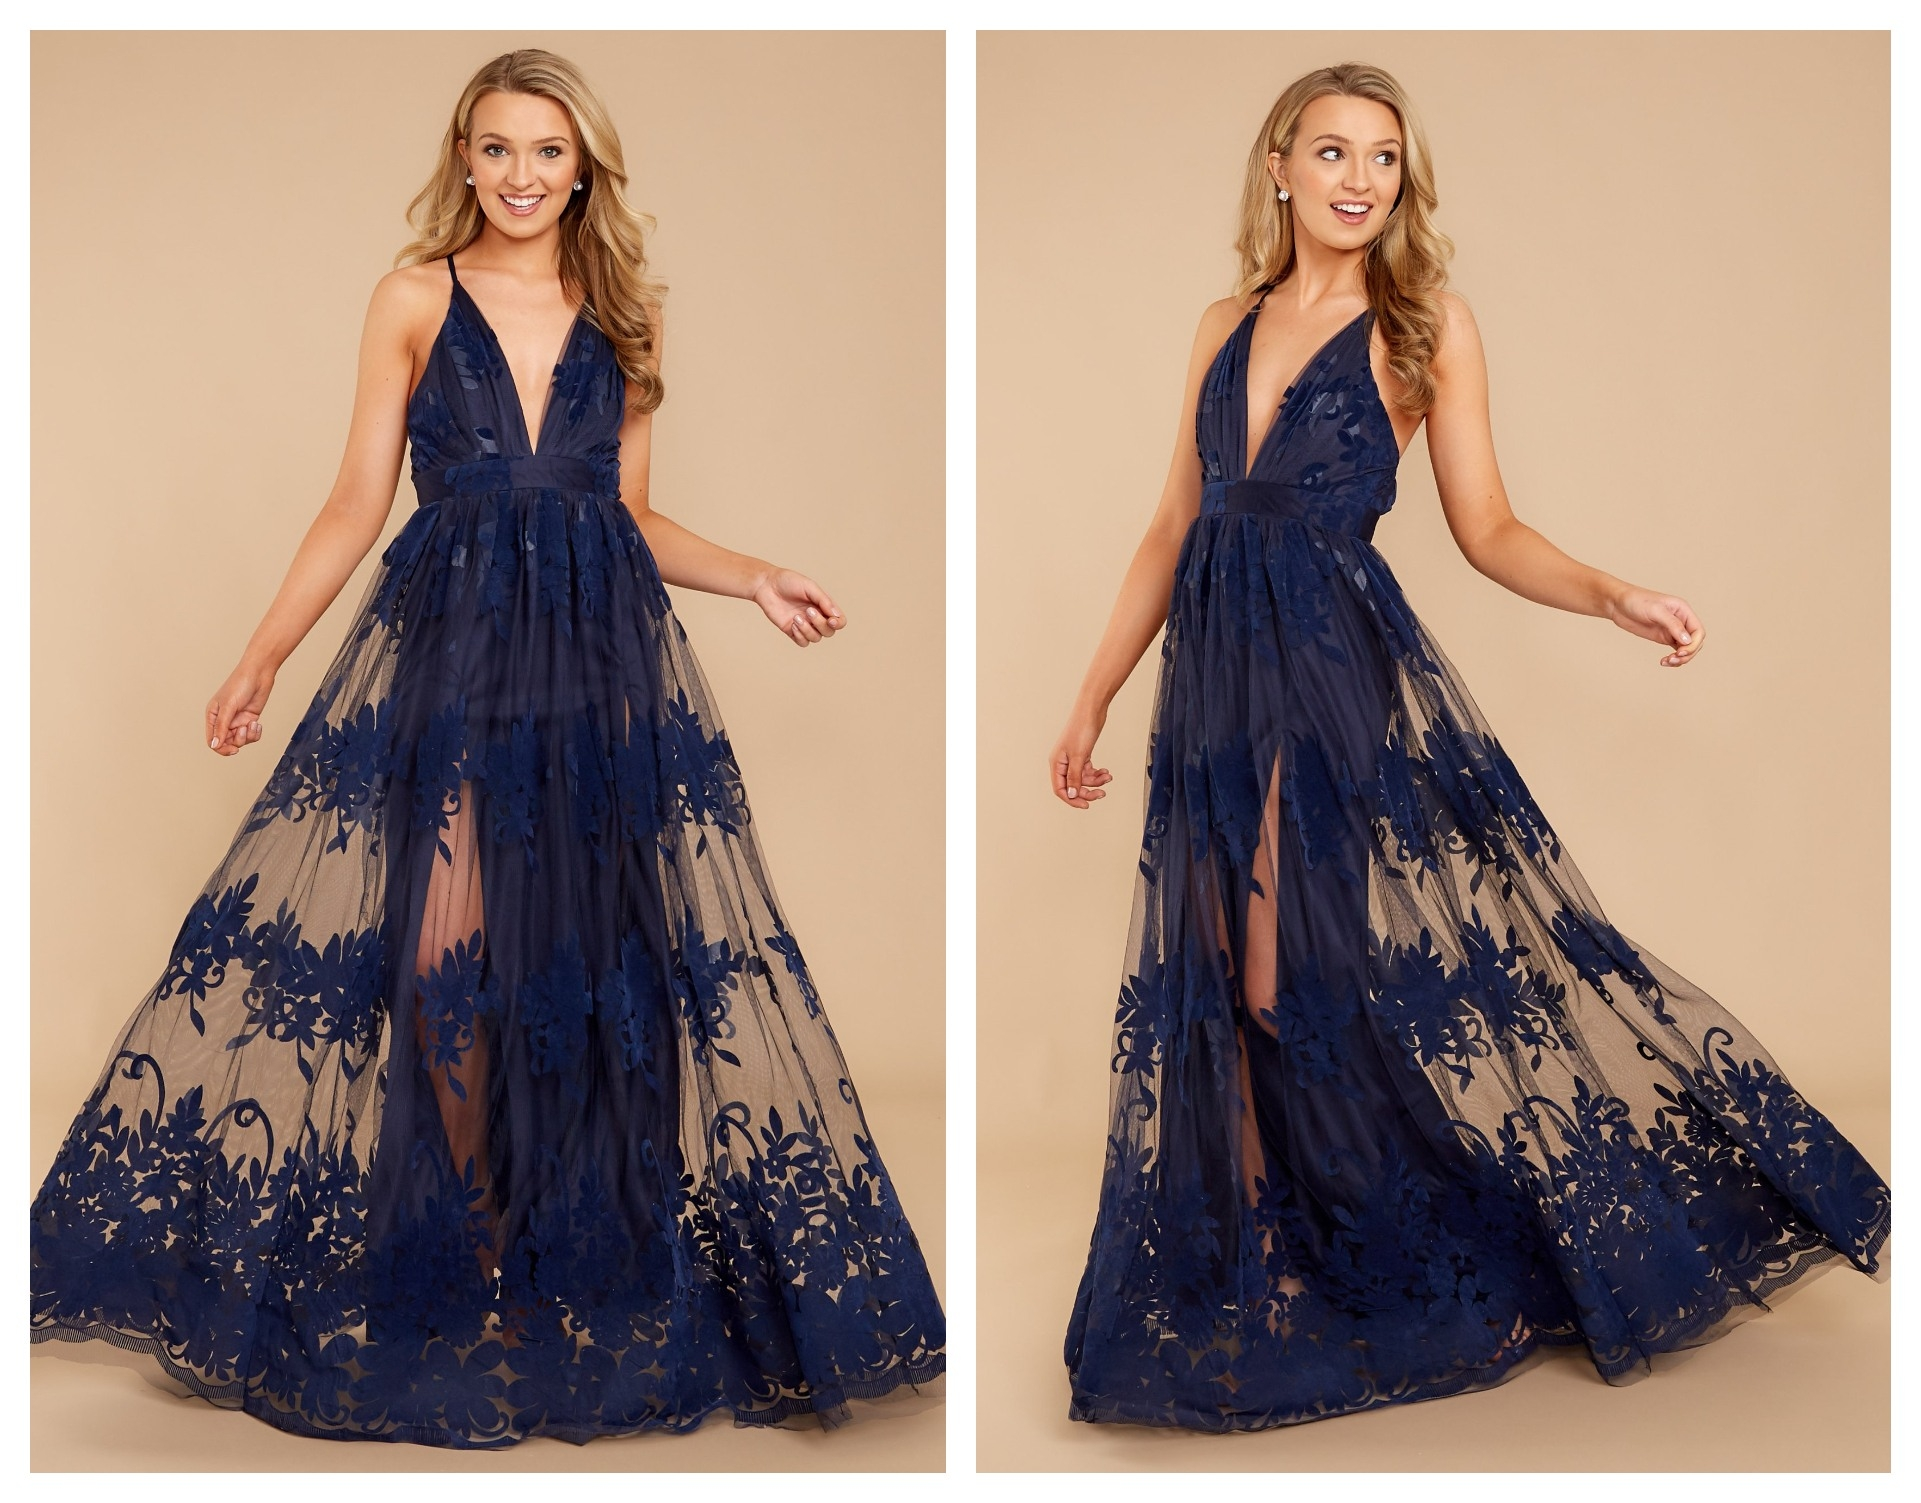 17 Top Blaues Kleid Mit Glitzer GalerieFormal Fantastisch Blaues Kleid Mit Glitzer Ärmel